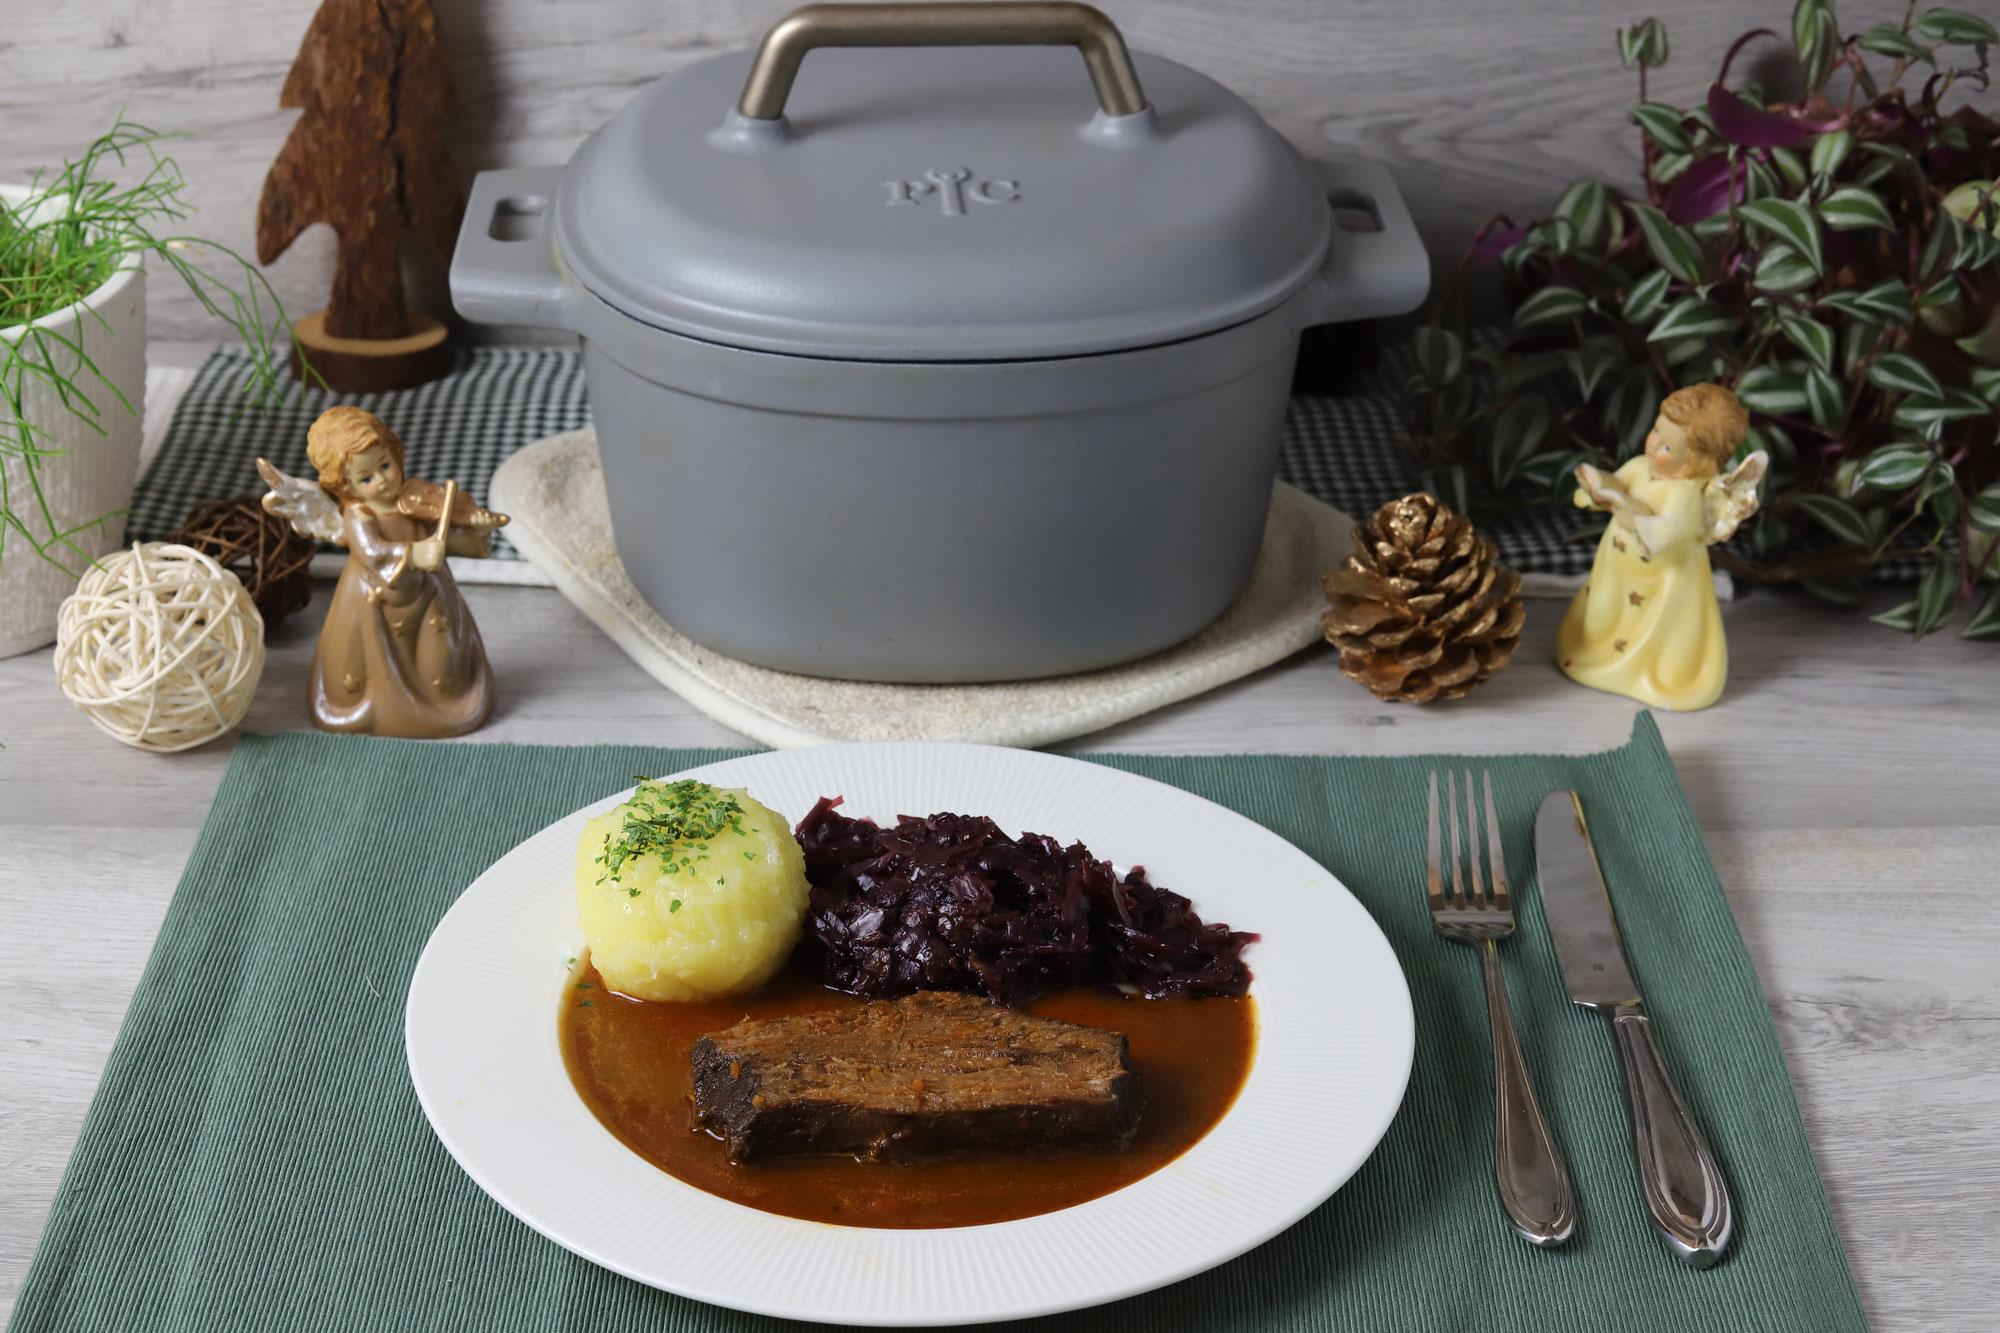 Rinderbraten mit Glühweinsoße im emaillierten Gusstopf von Pampered Chef®